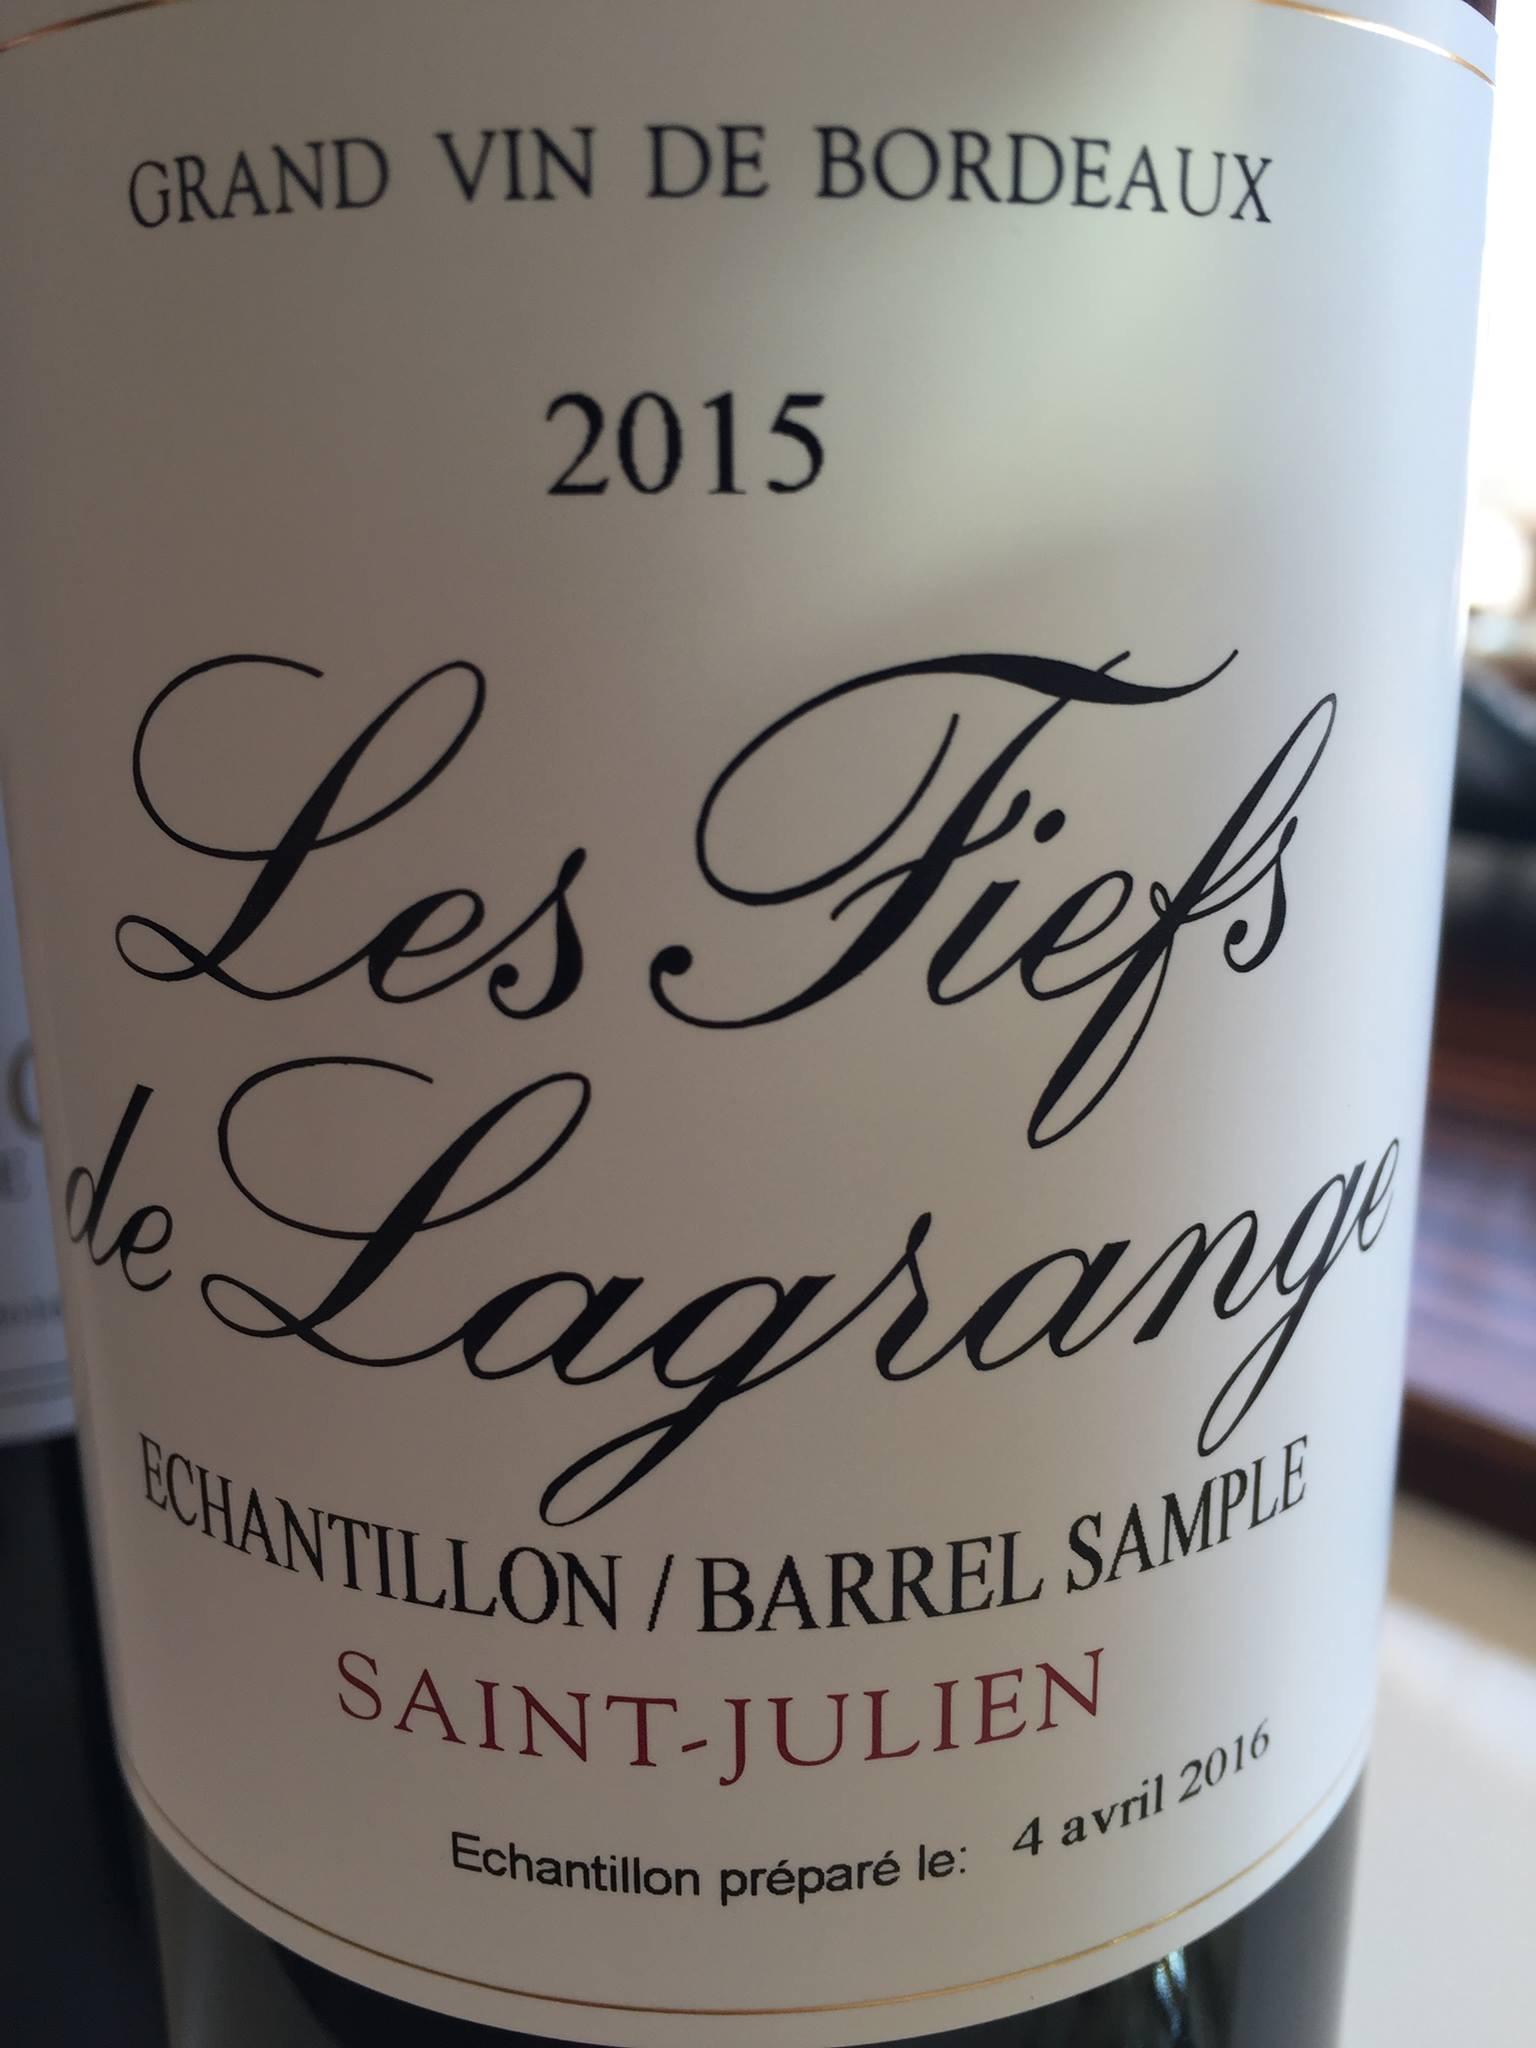 Les Fiefs de Lagrange 2015 – Saint-Julien